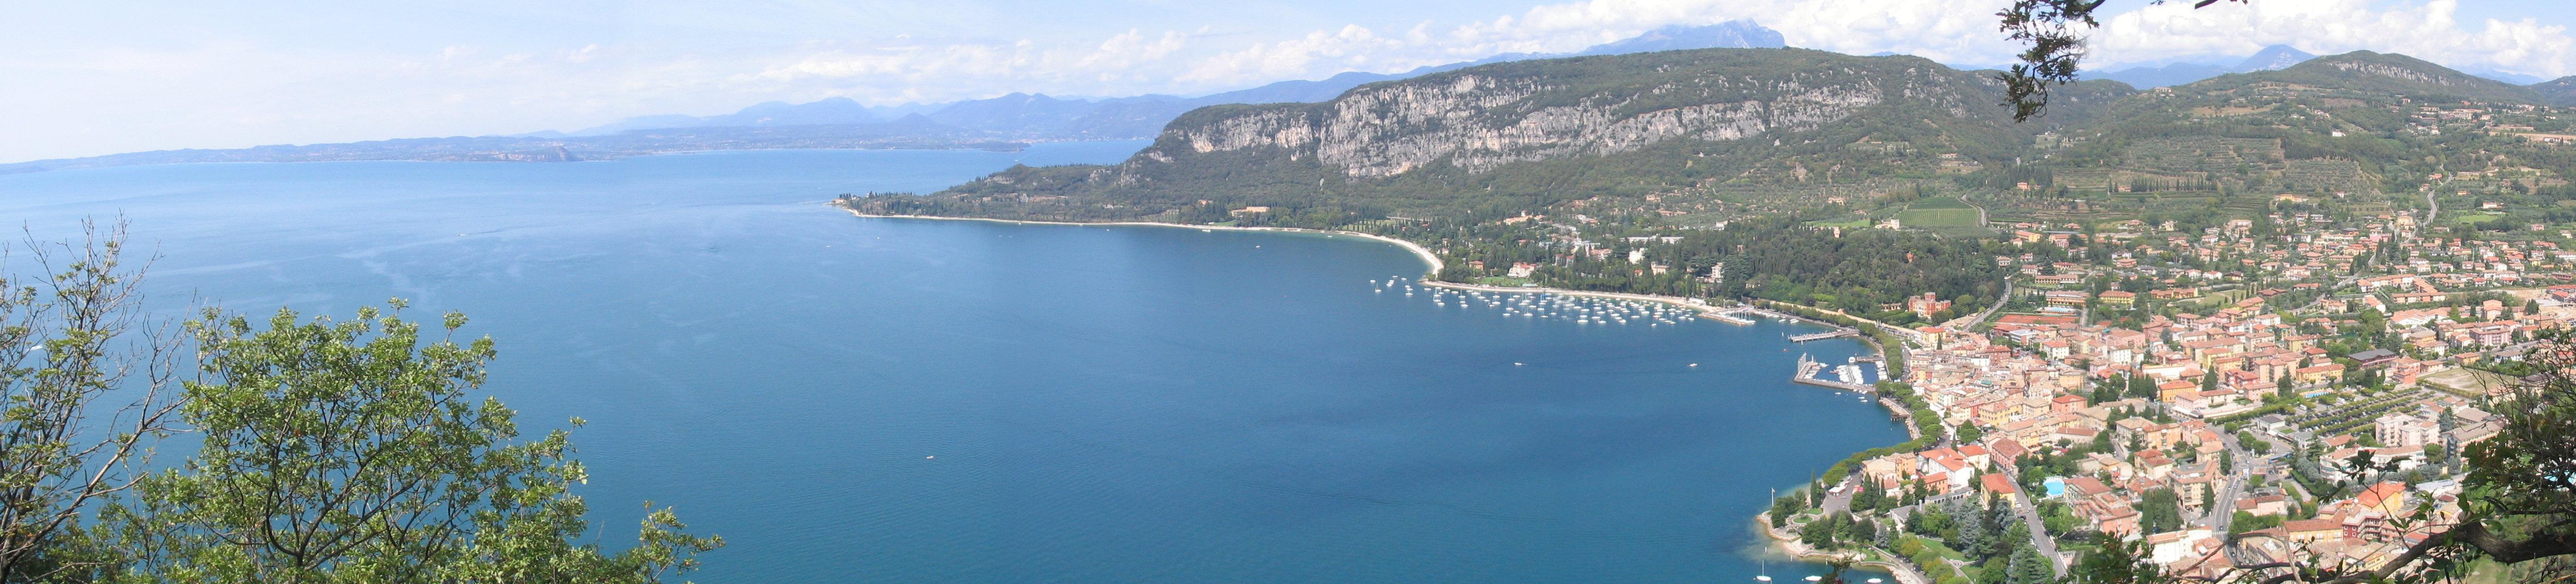 Bucht_von_Garda